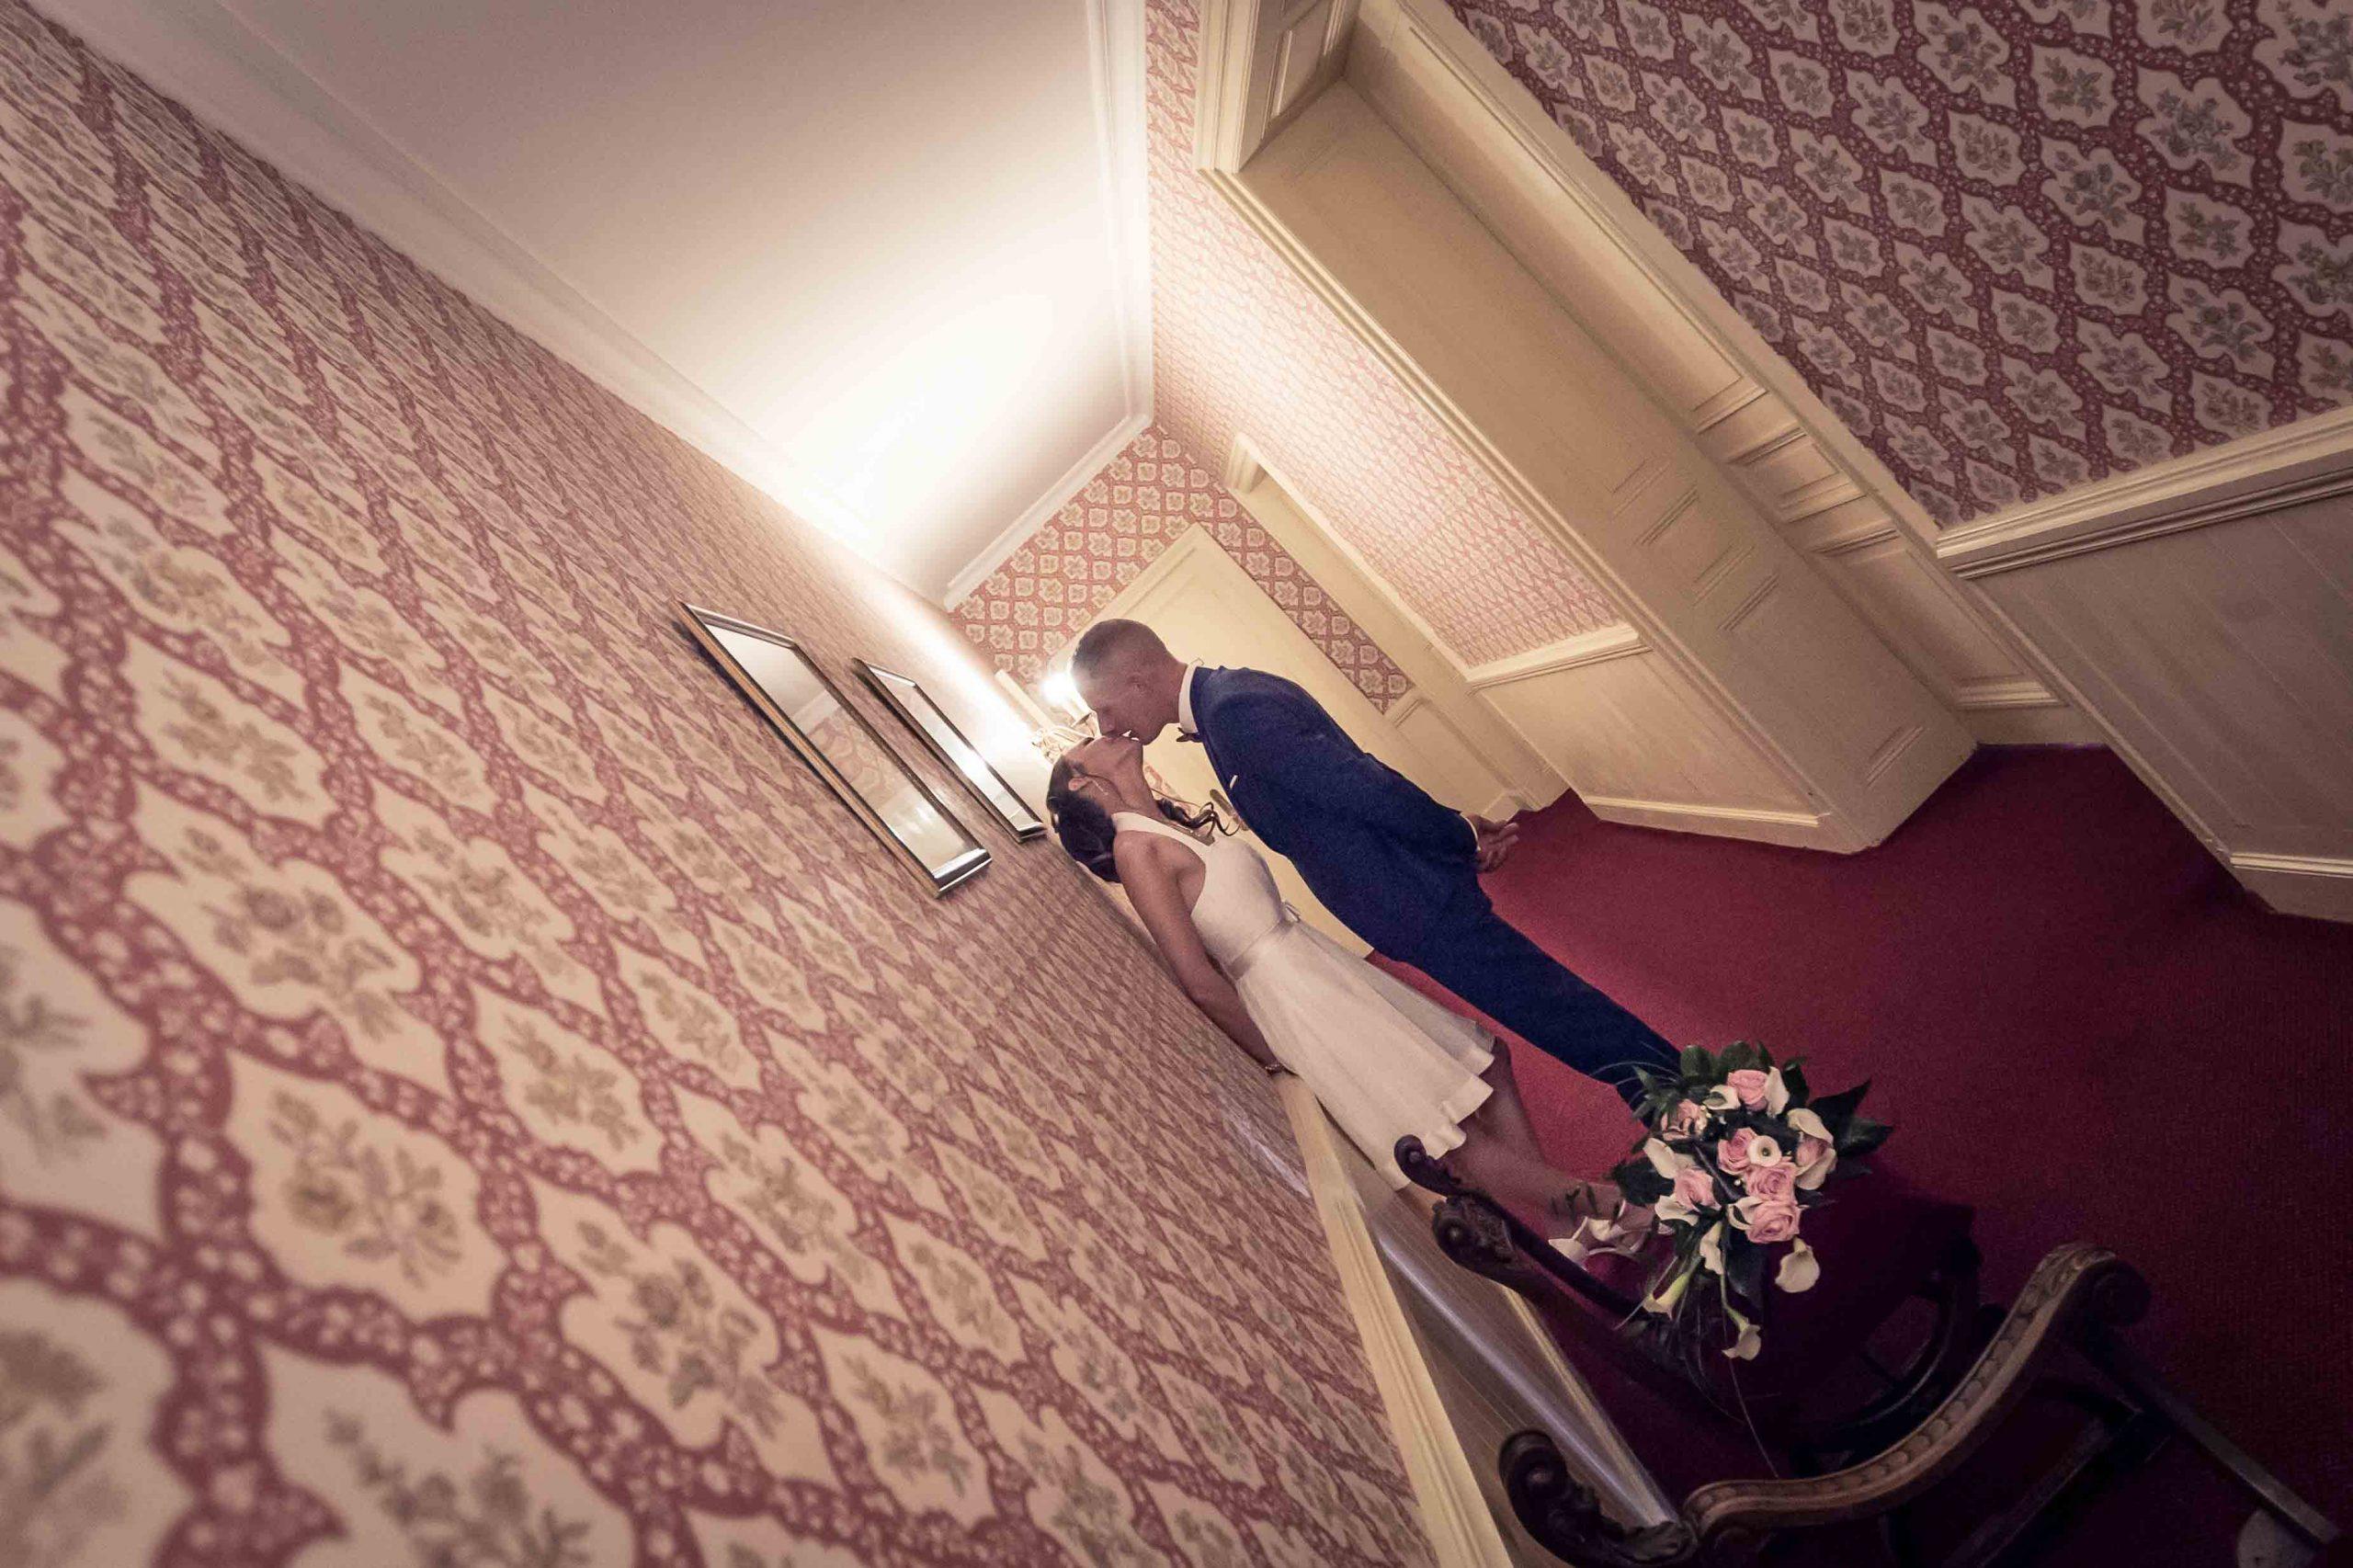 séance de photo de mariage au chateau d'Issenbourg de Rouffach